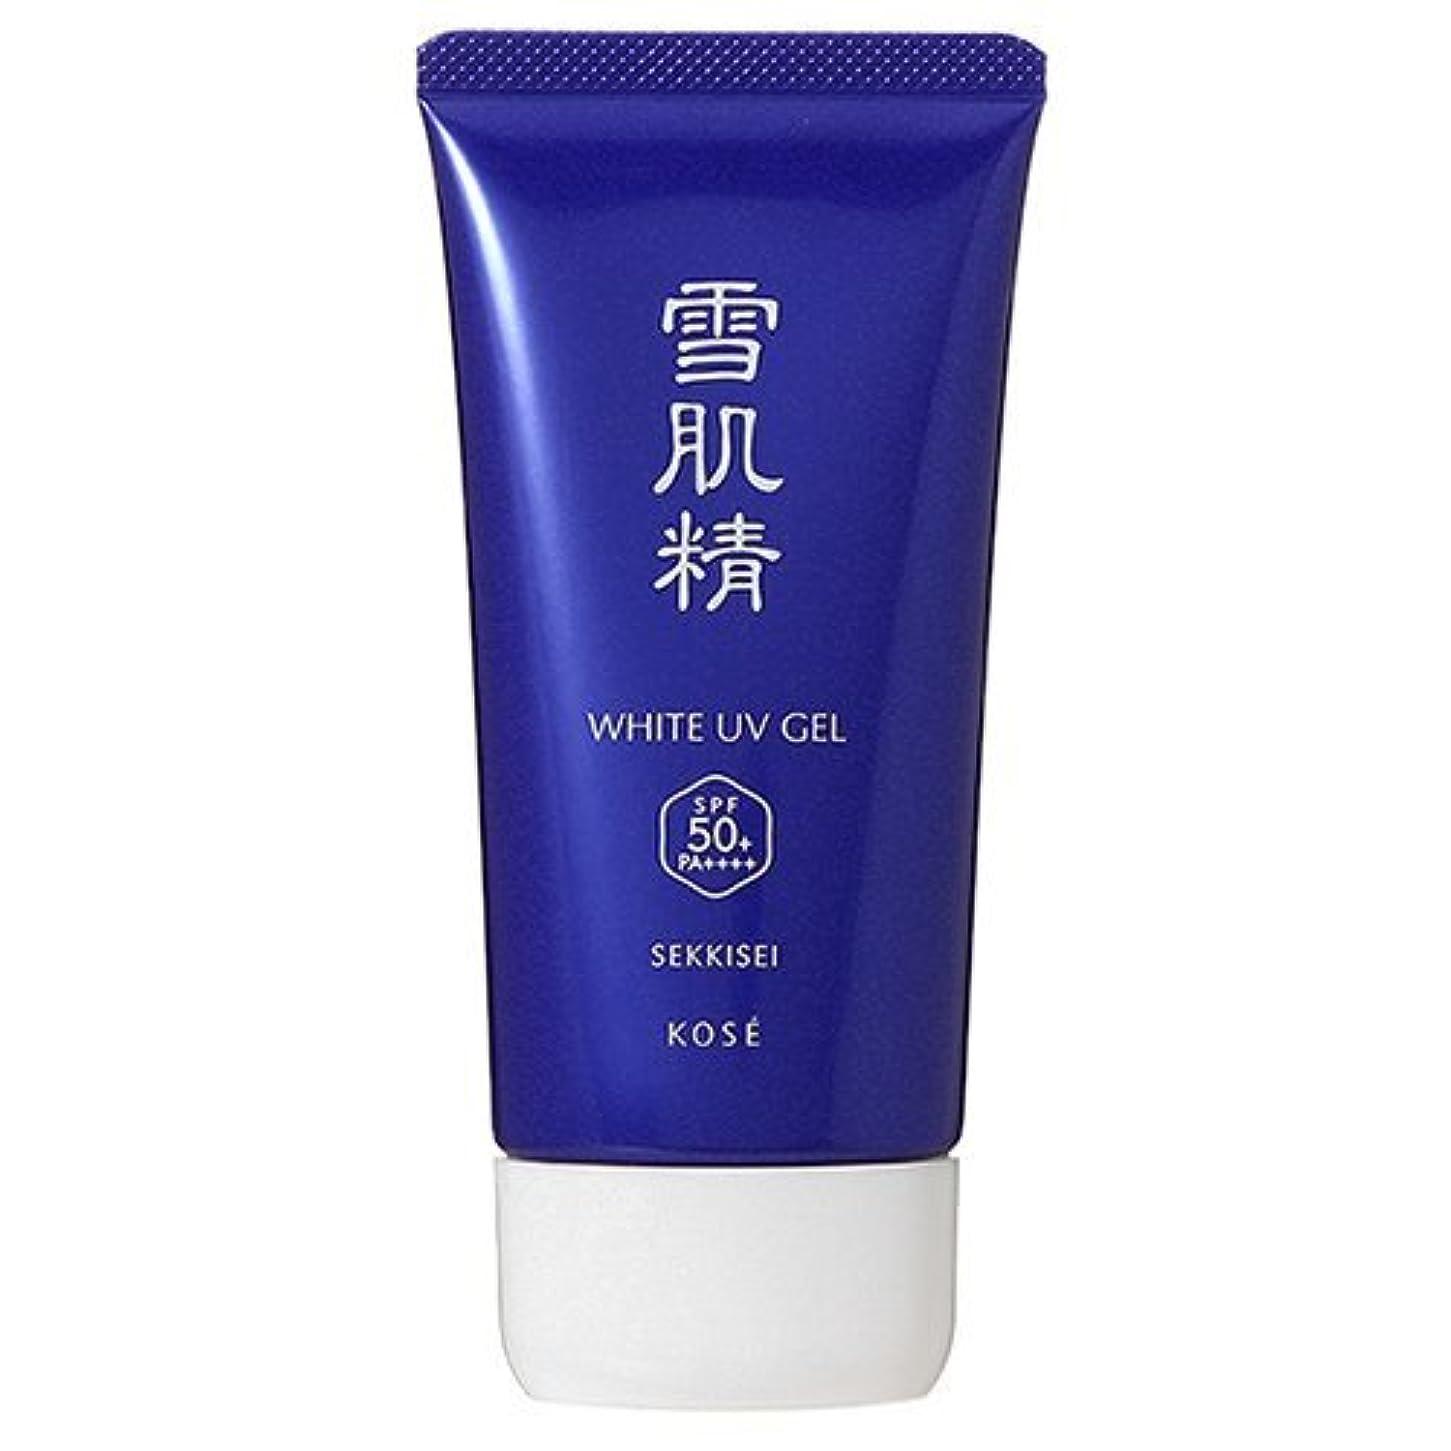 エッセイボア華氏コーセー 雪肌精 ホワイト UV ジェル SPF50+/PA++++ 80g